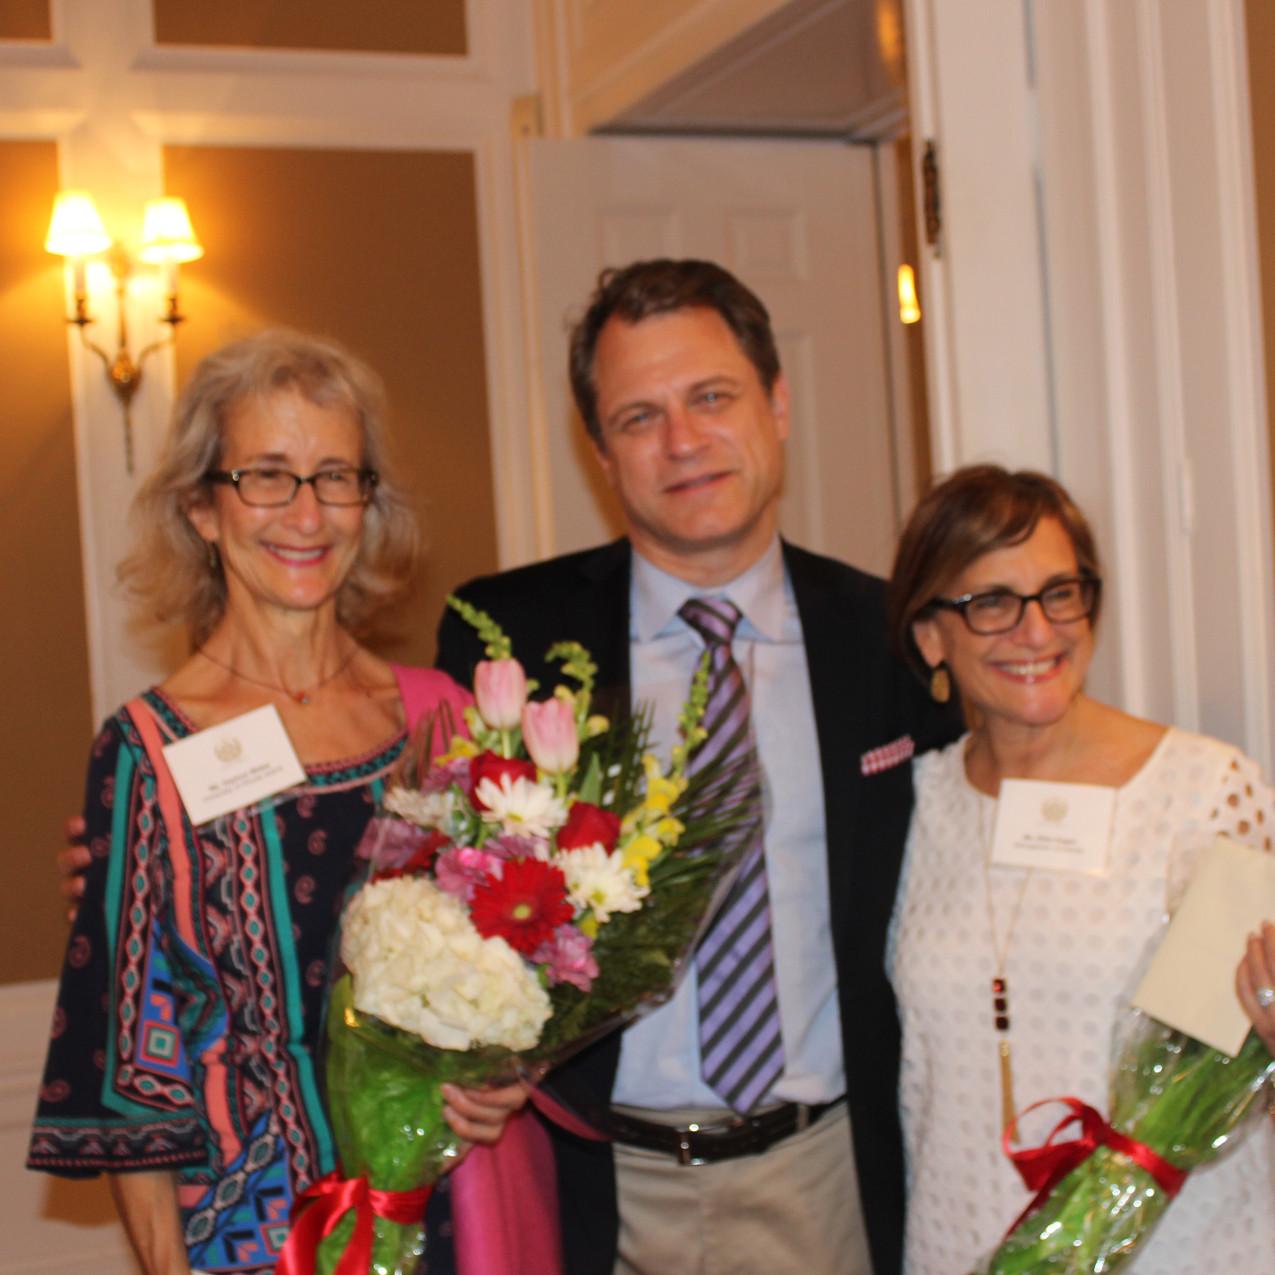 Honoring Dr. Phyllis Magrab